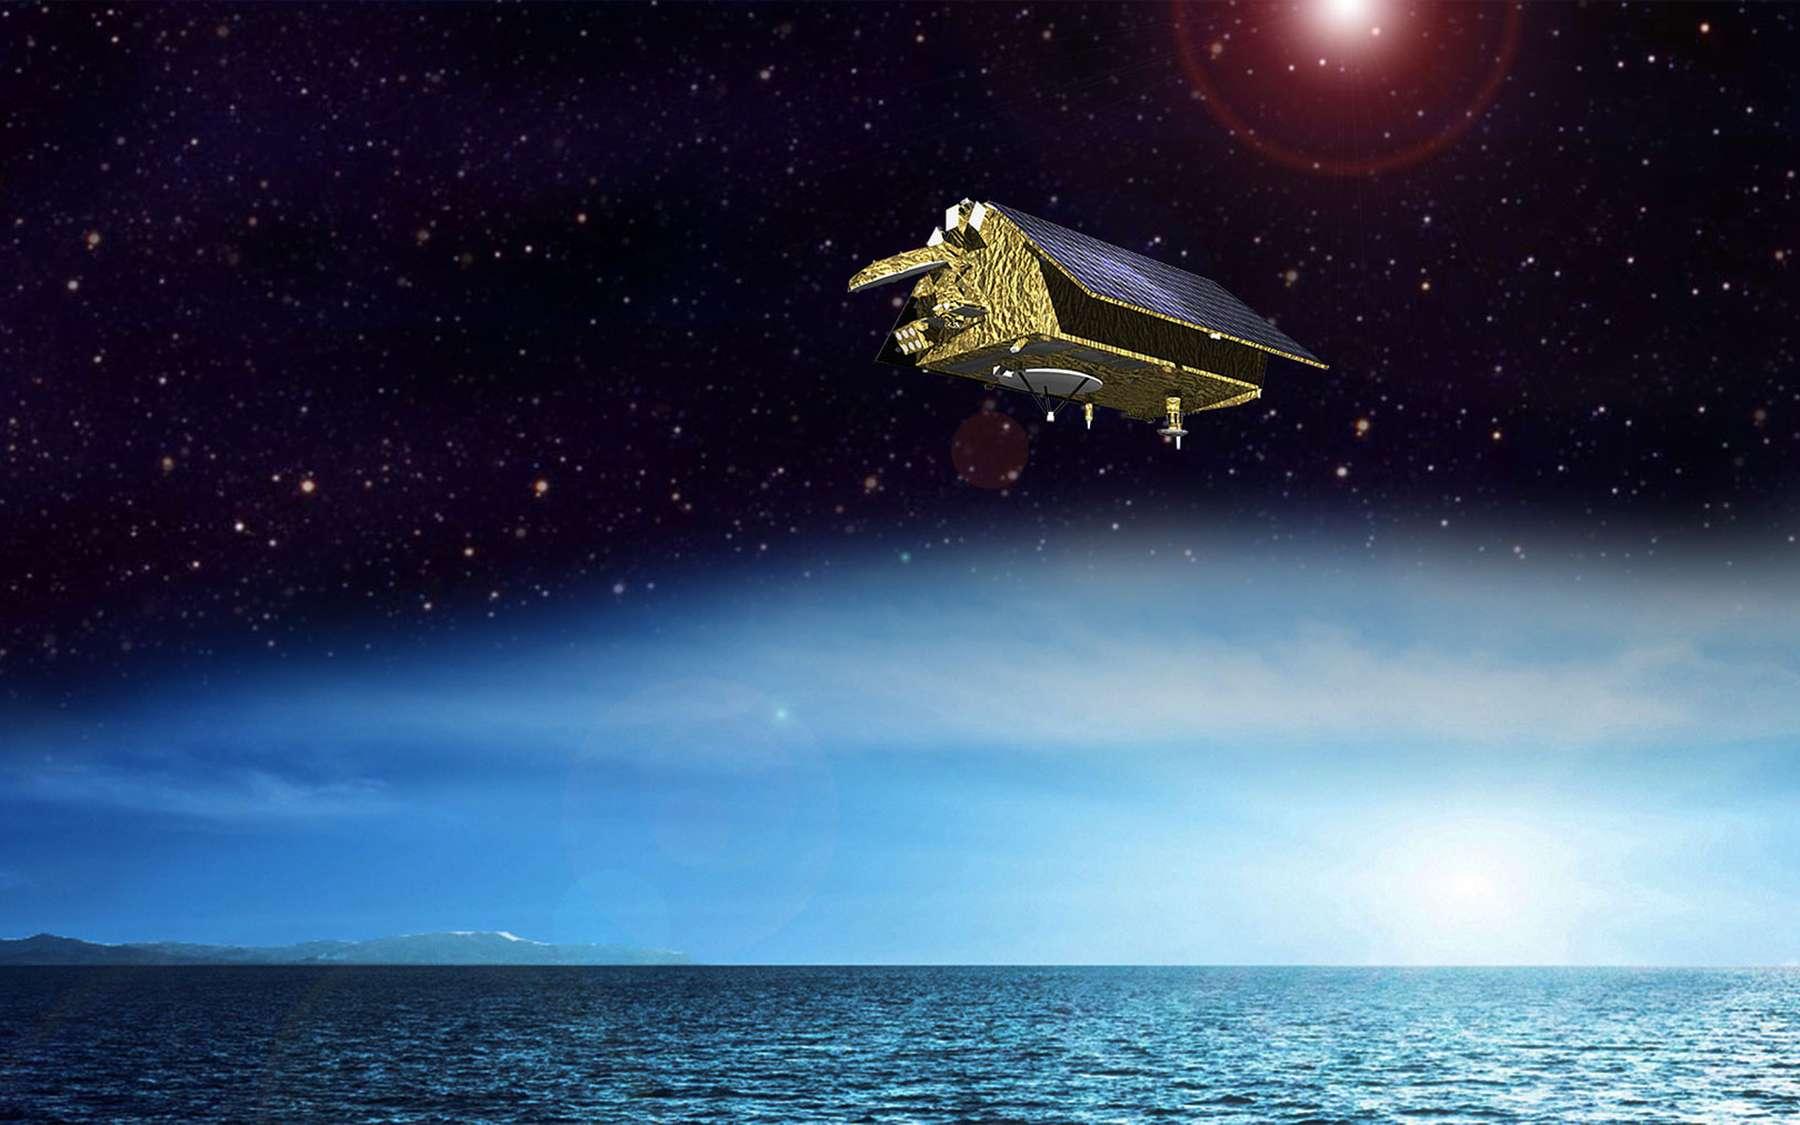 Les futurs satellites Sentinel 6 fourniront des mesures de haute précision sur la topographie de la surface des océans. © Airbus Defence and Space